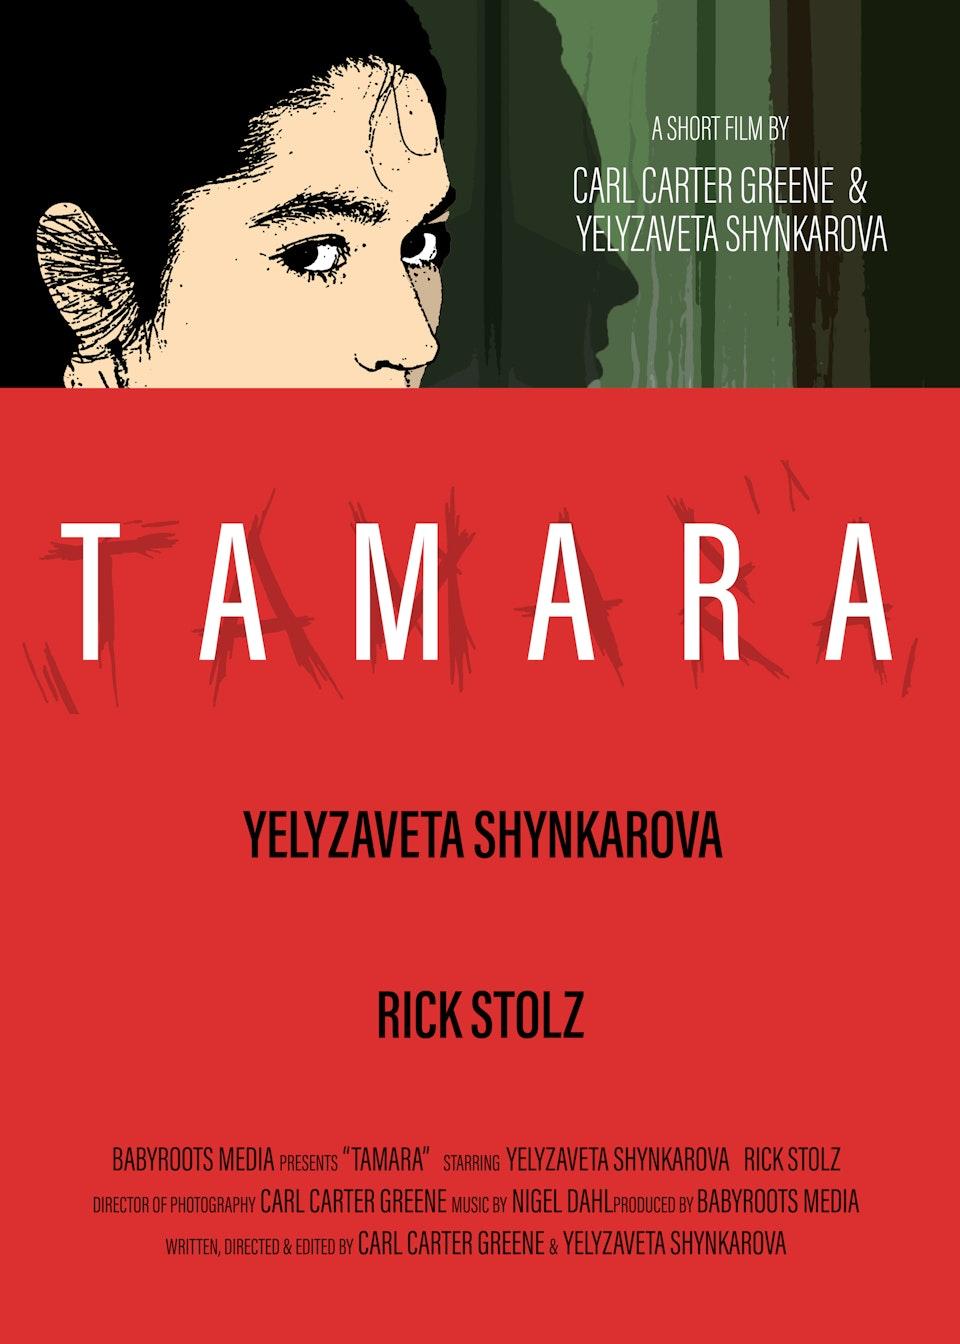 TAMARA FINAL POP POSITION 1 BOX ART - Official poster designed by Jordan Bouma